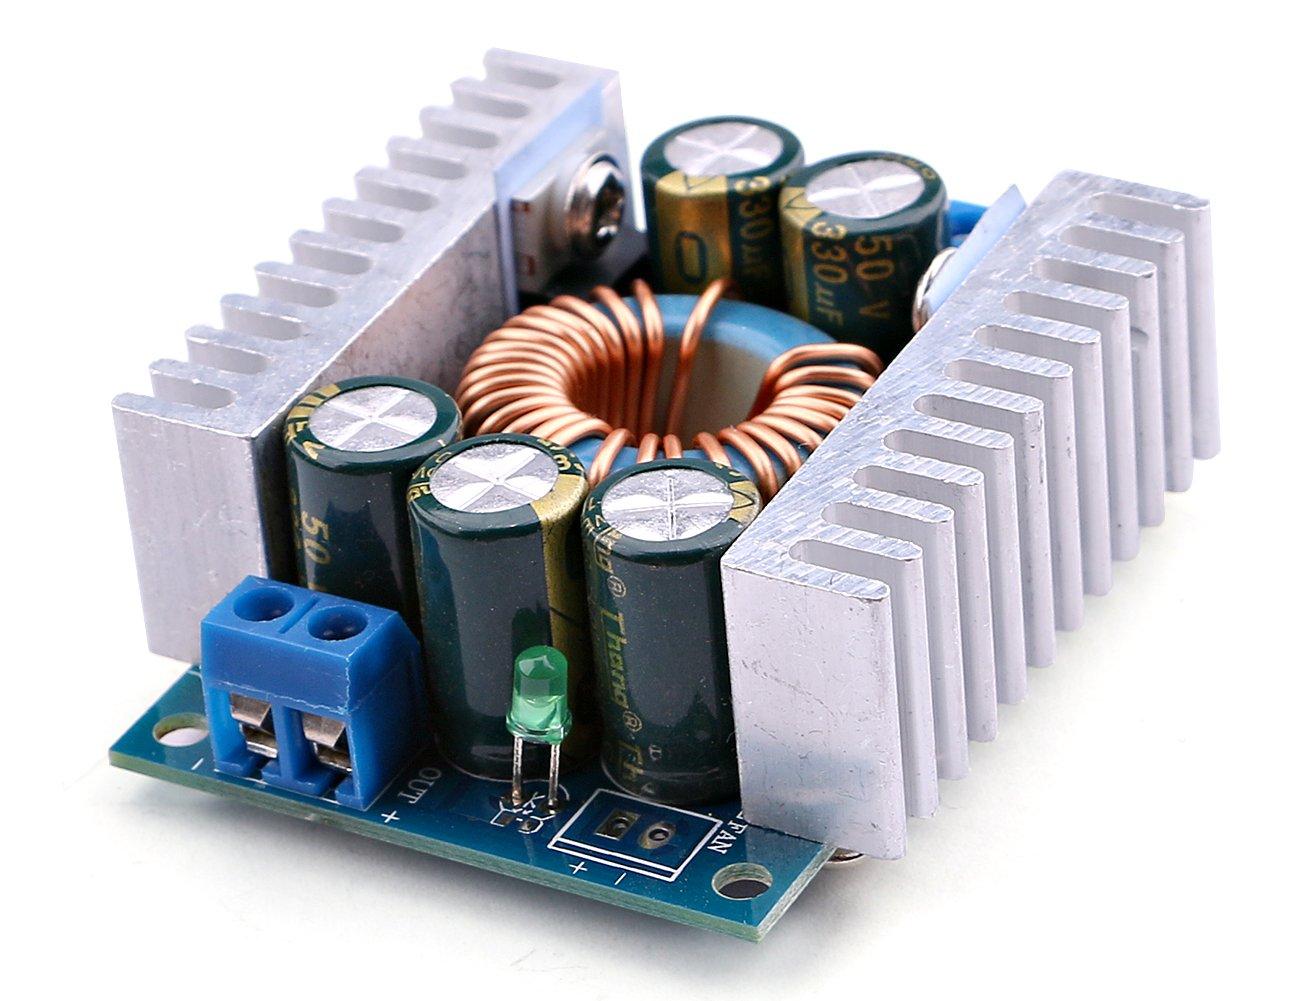 Yeeco Dc Voltage Converter 45 30v To 08 24v 12v Dc5v Dc30v By 74hc14 6v Step Down Reducer Adjustable Regulator Volt Power Transformer Module